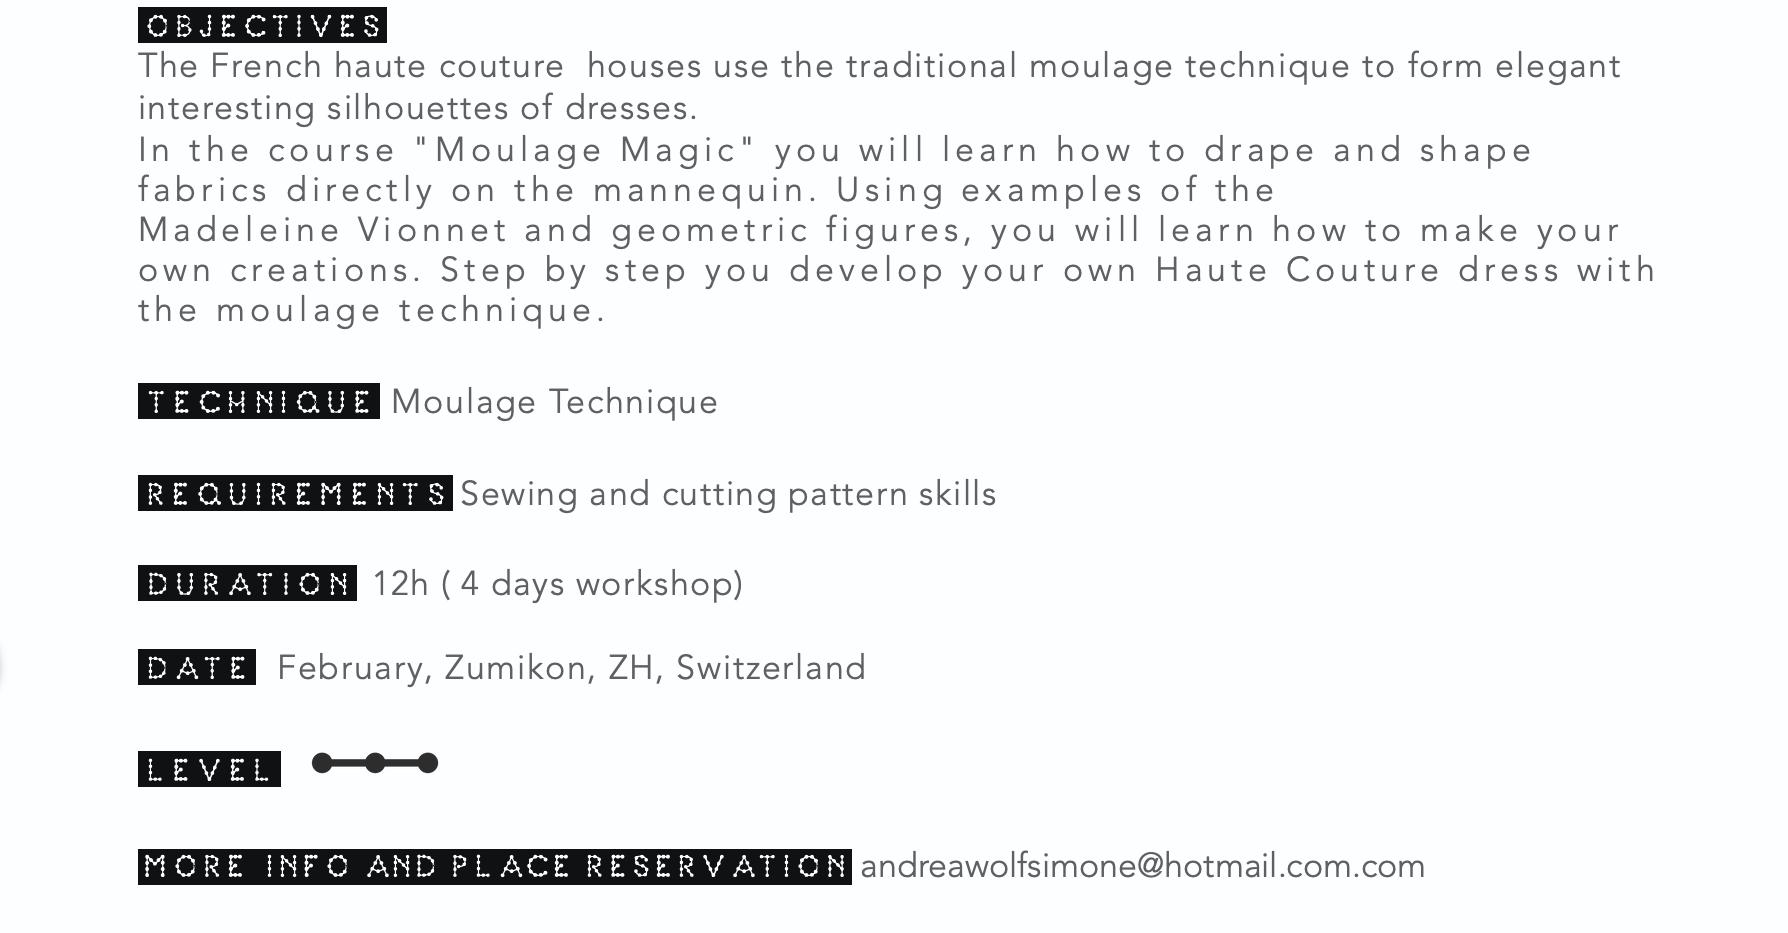 Workshop Informations